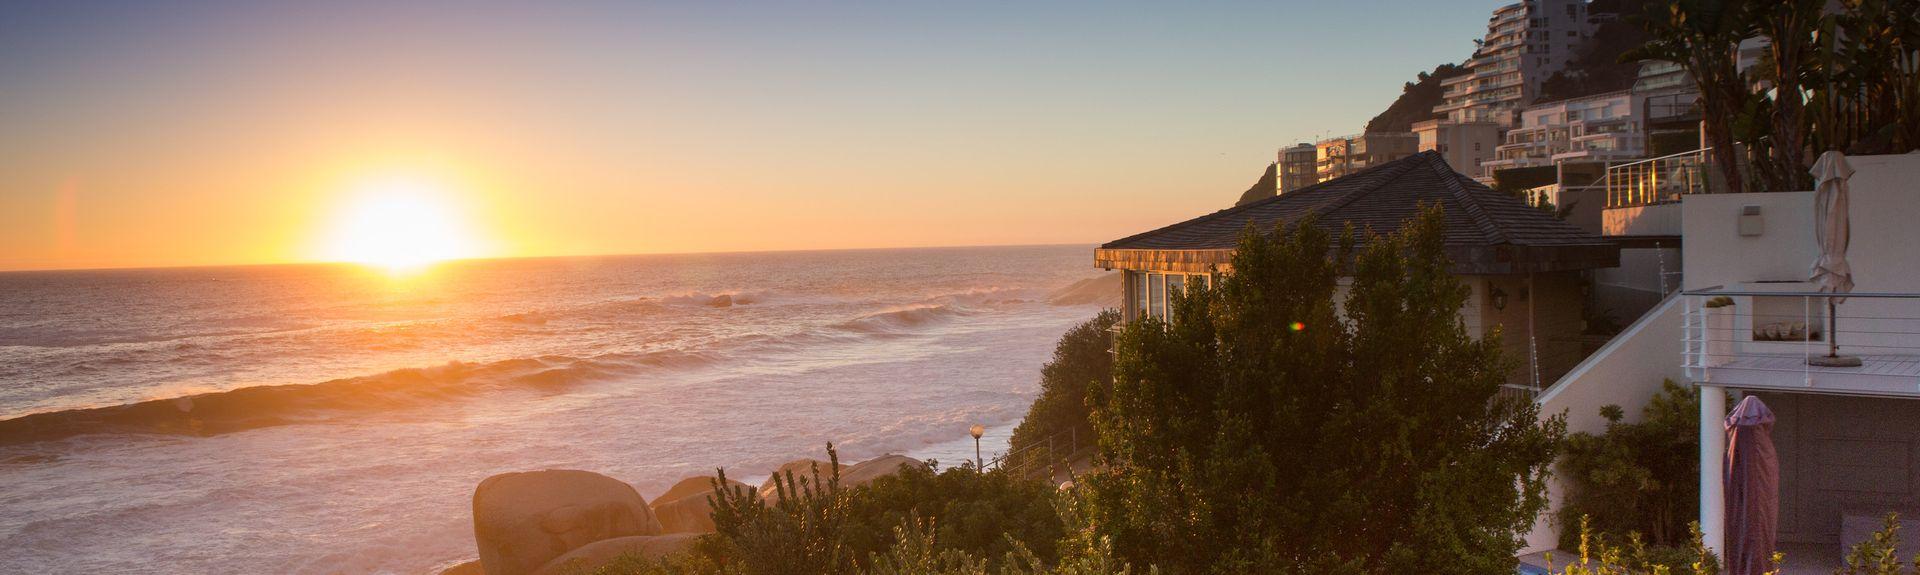 De Waal Park, Kapsztad, Kapsztad — Prowincja Przylądkowa Zachodnia (region), Republika Południowej Afryki